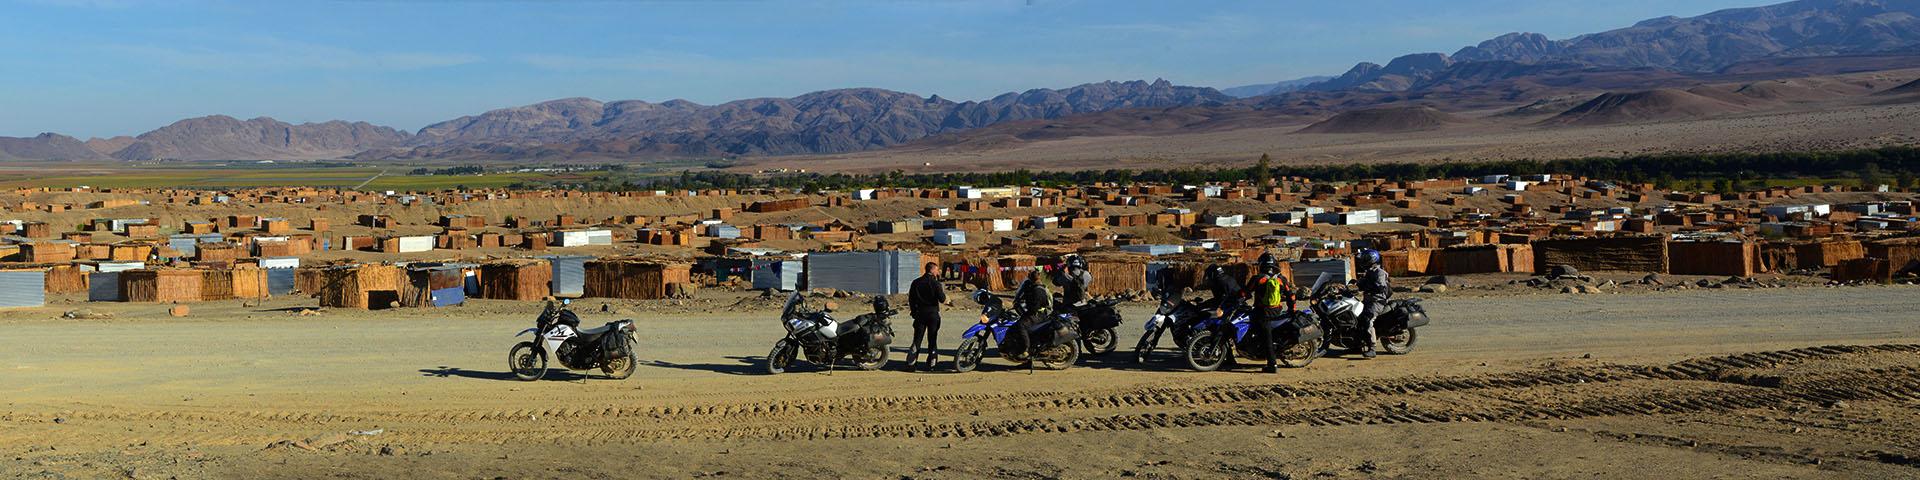 Aussenkeur Township, Namibia